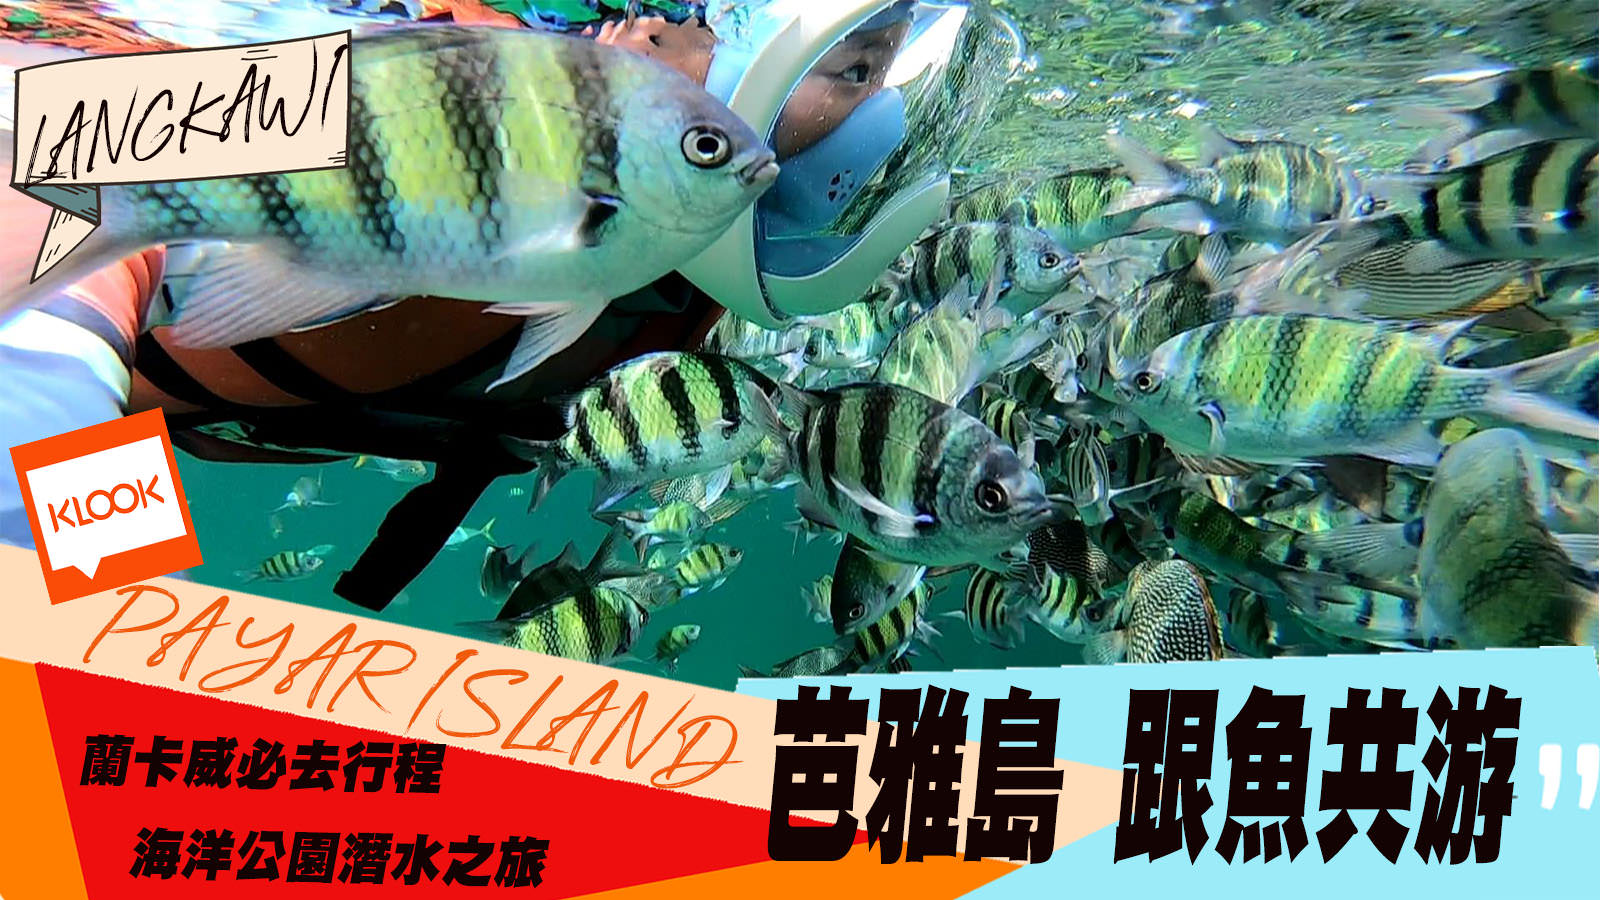 蘭卡威親子遊◾芭雅島Payar 海上浮淺挑戰你的魚群密集恐懼症  海灘浮淺跟海上平台價格行程比較